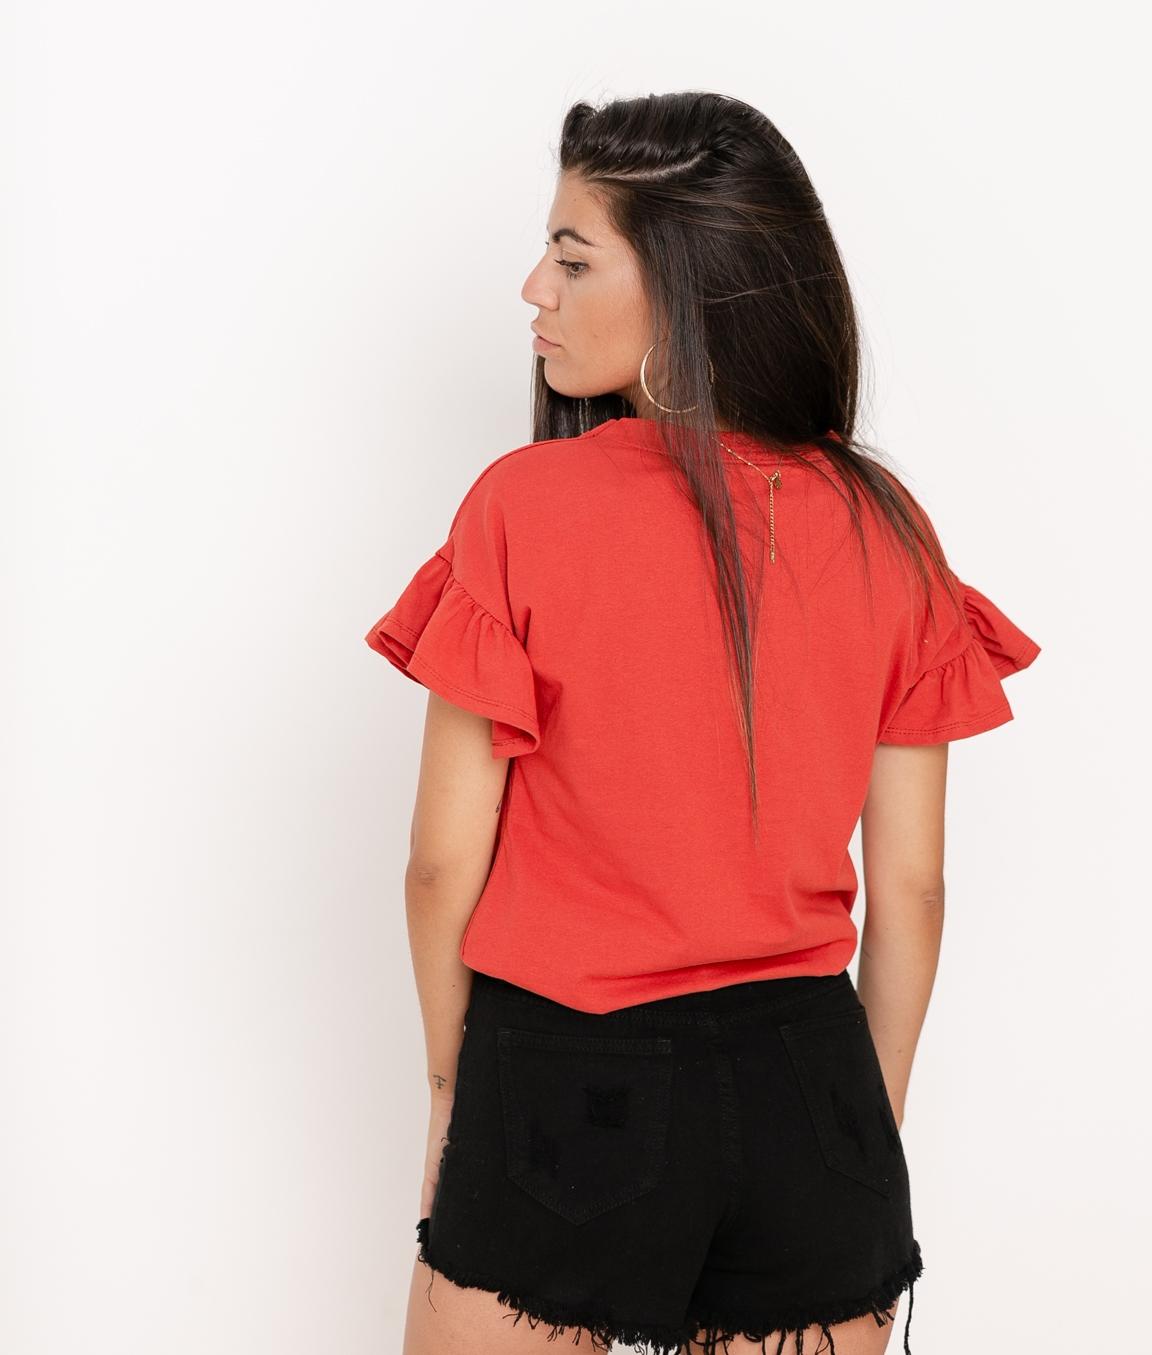 Camiseta Dante - Teja